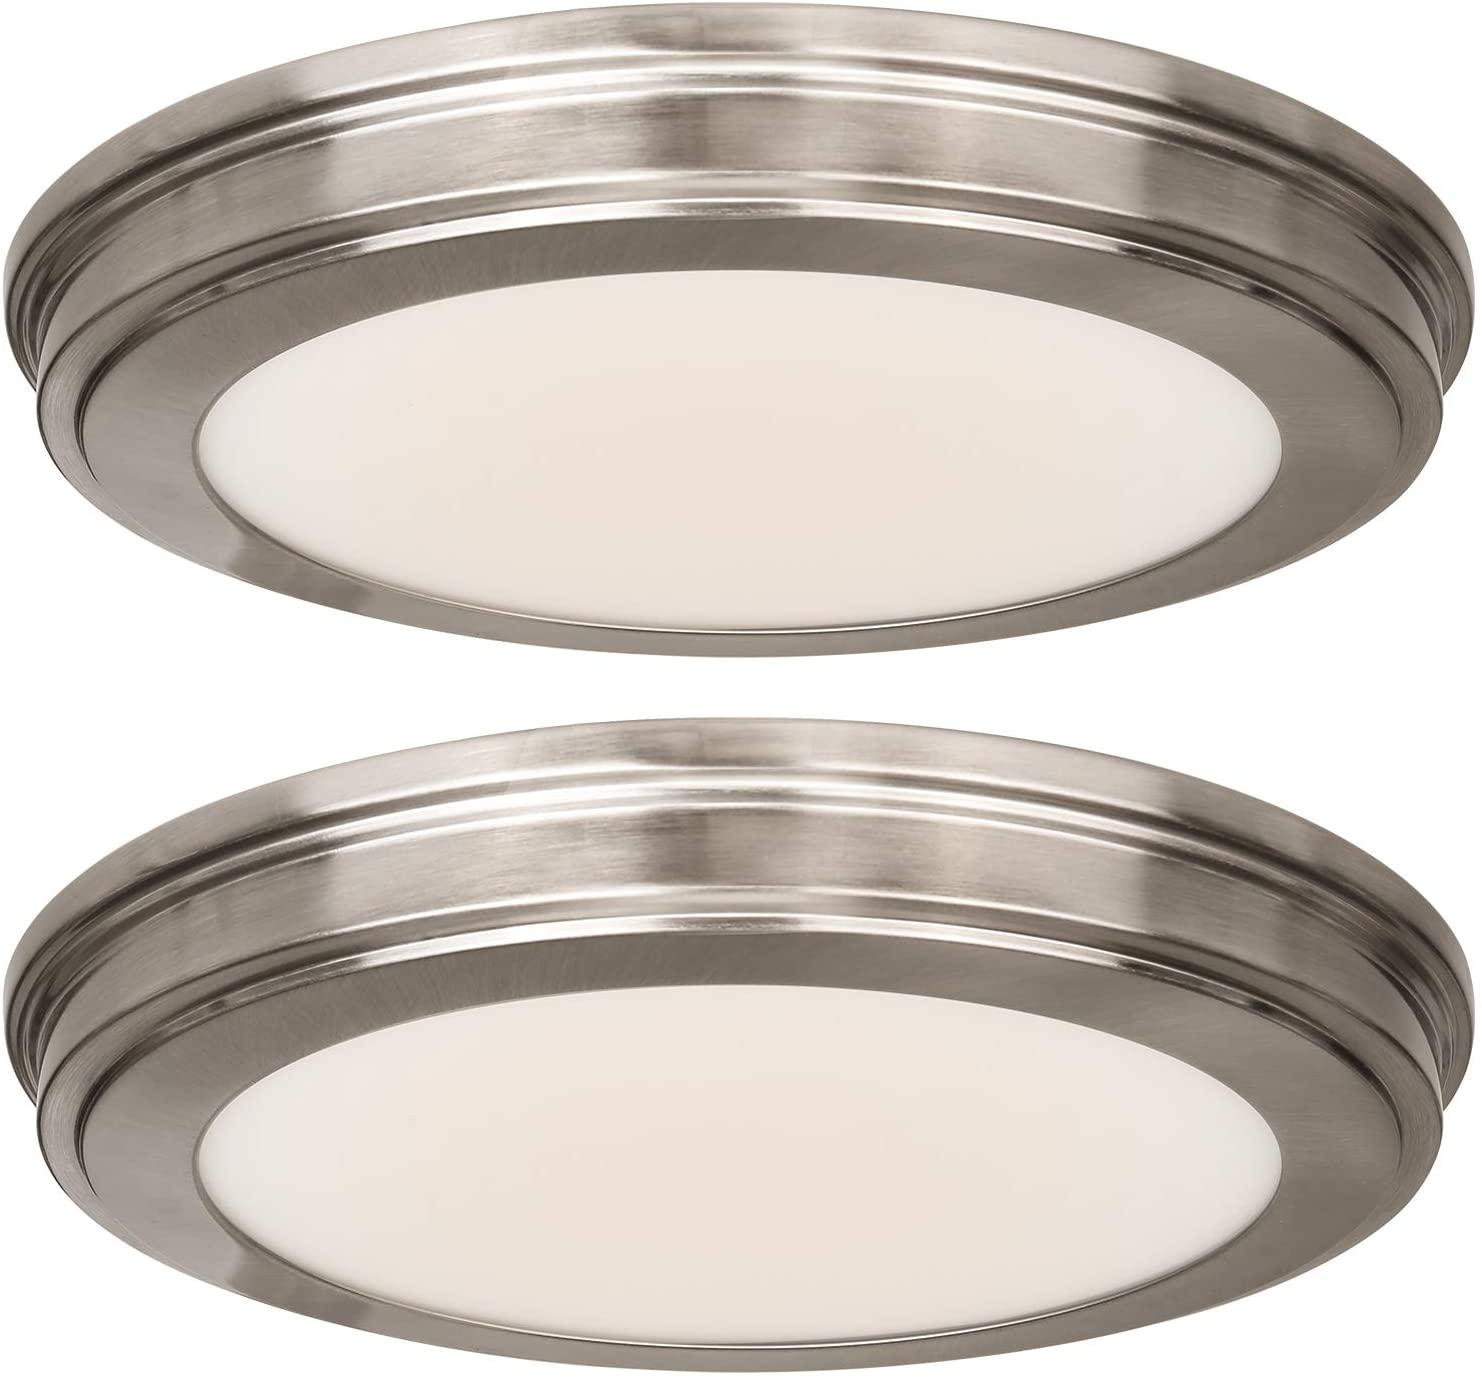 13 inch LED Flush Mount Ceiling Light, 180W Incandescent Equivalent, 3000K/4000K/5000K Switchable 1365LM, CRI90+, Brushed Nickel Ceiling Lamp Surface Mount for Kitchen Bathroom Bedroom-2 Pack